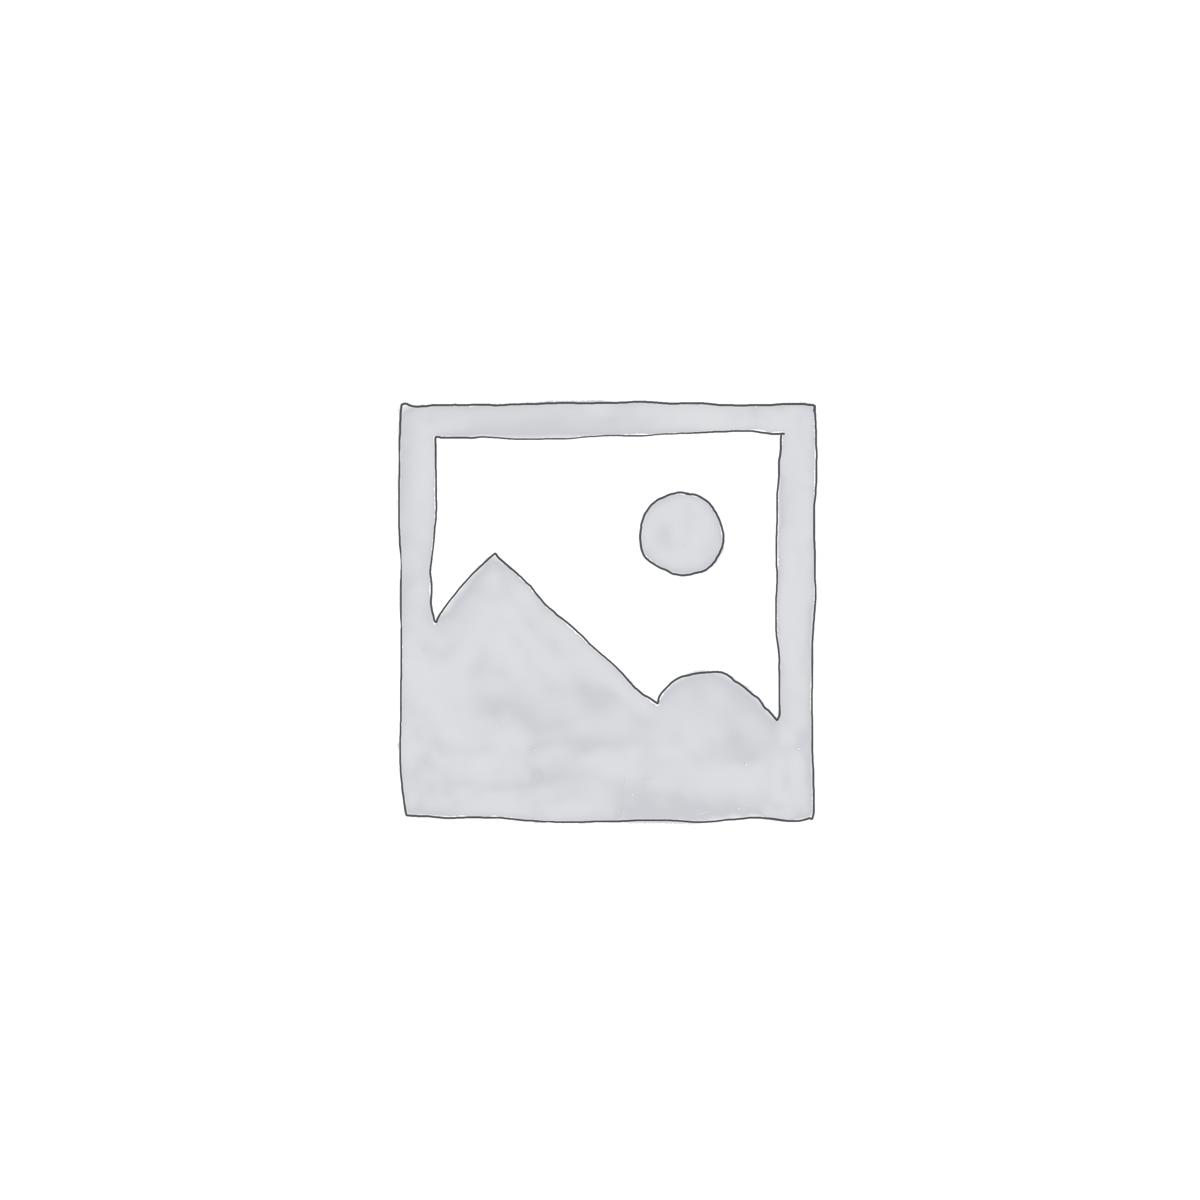 Van-Pack csúszásmentes padlóburkolat